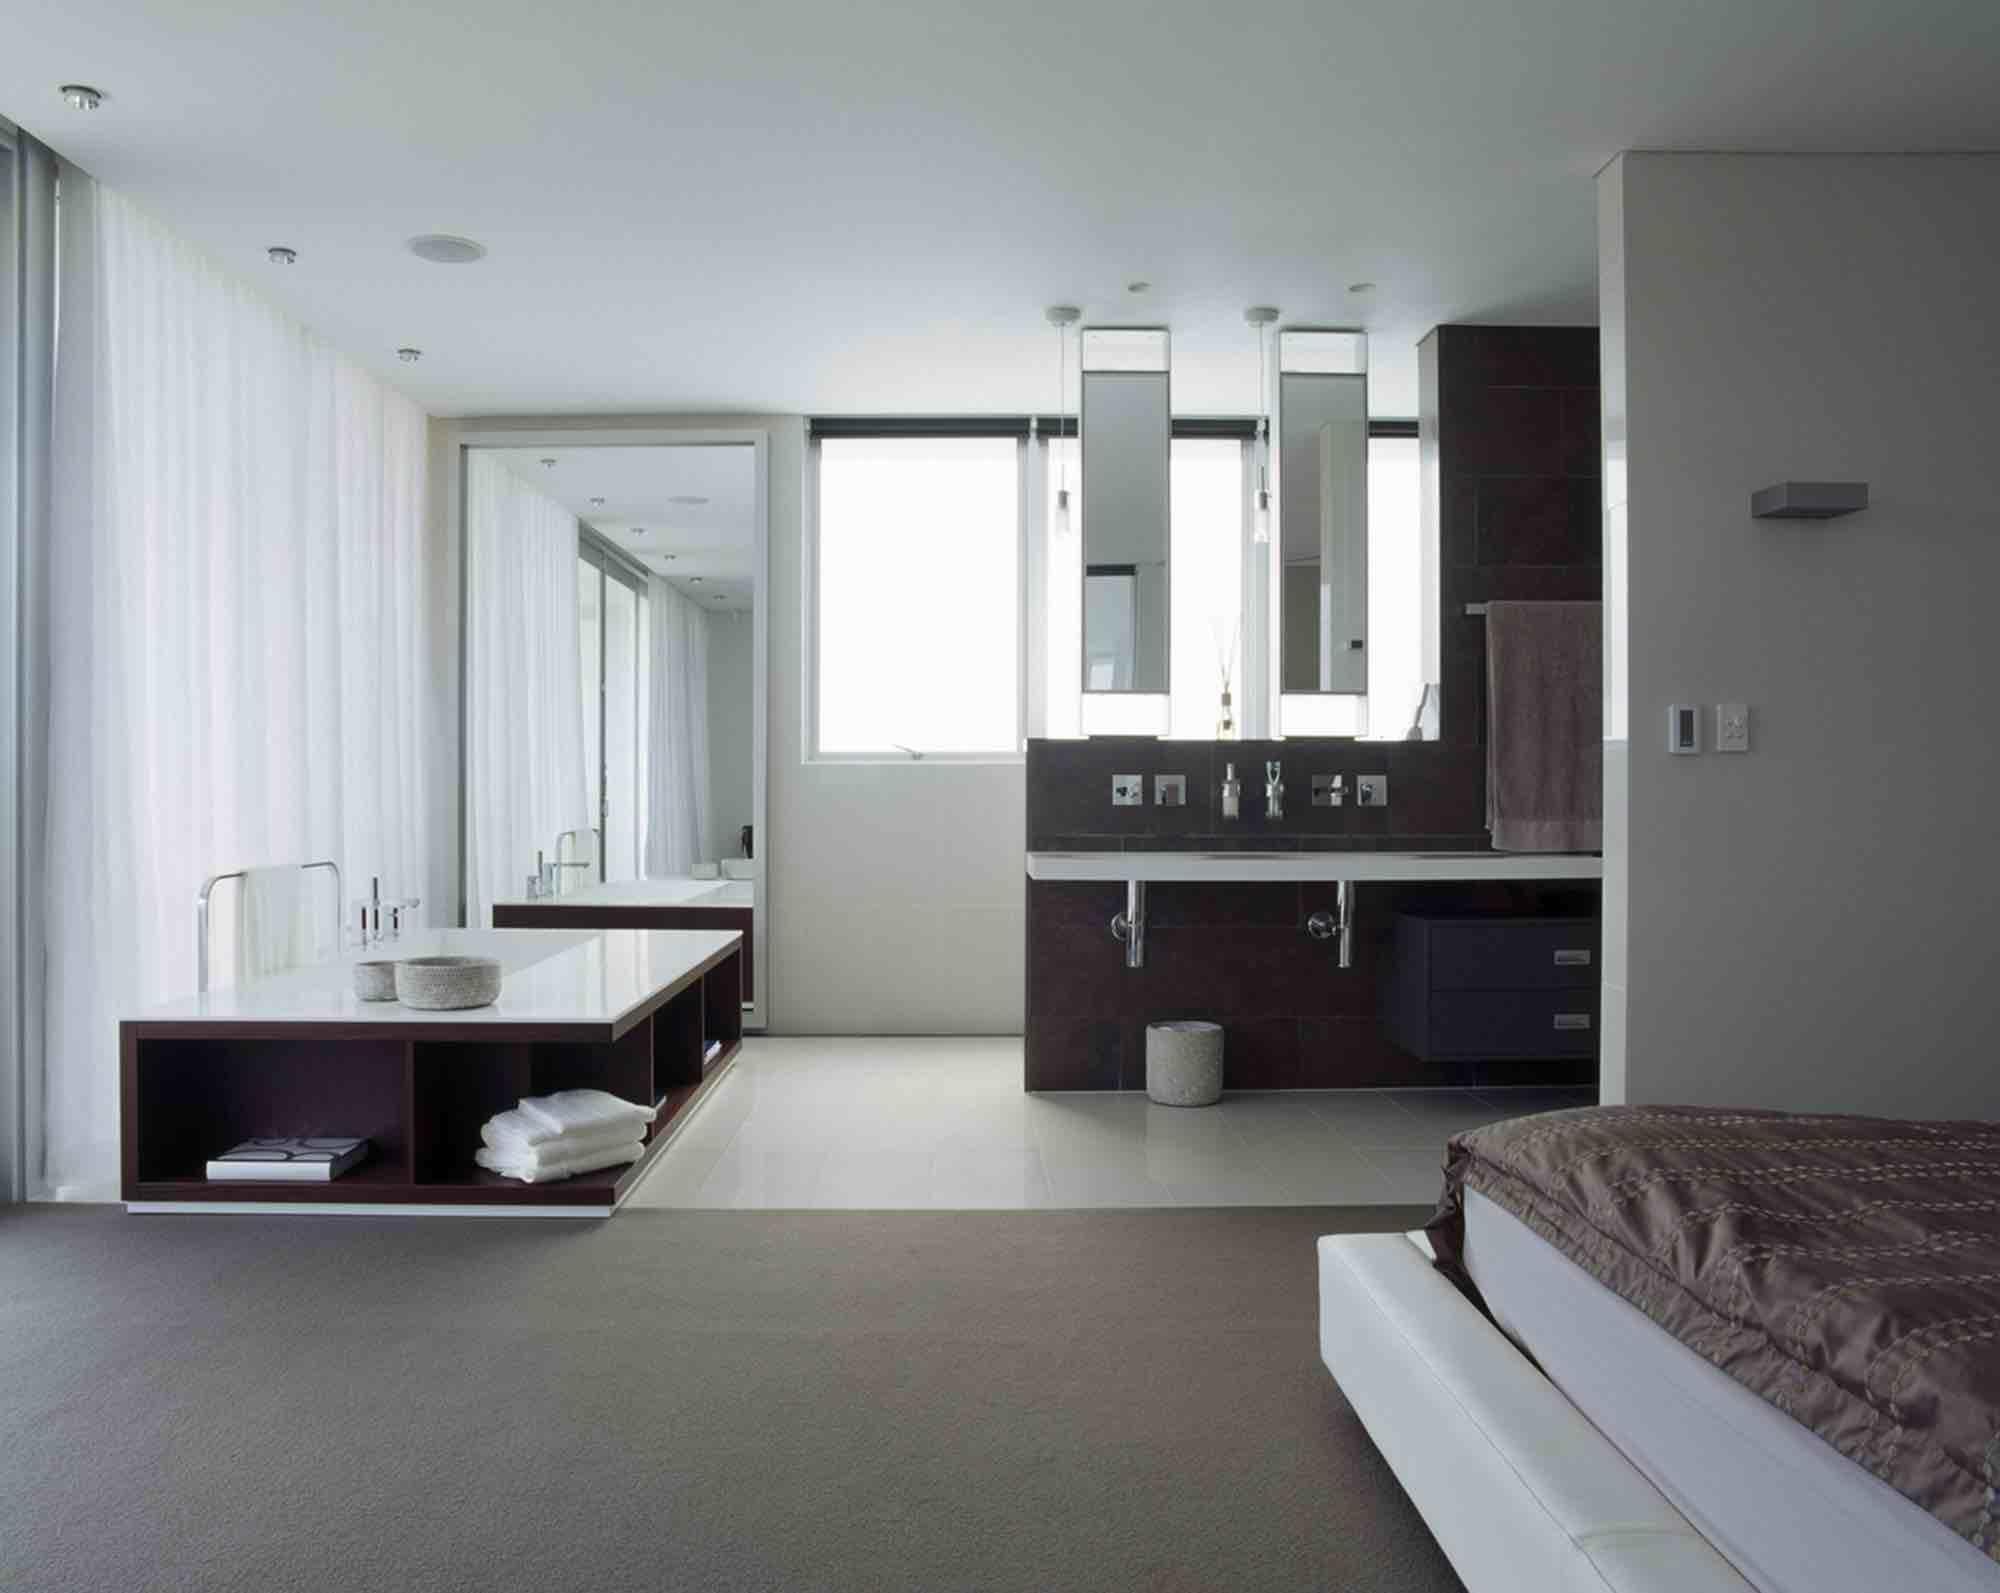 Open plan ensuite bathroom ideas -  Minosa Design Open Plan Ensuite Parents Retreat Dover